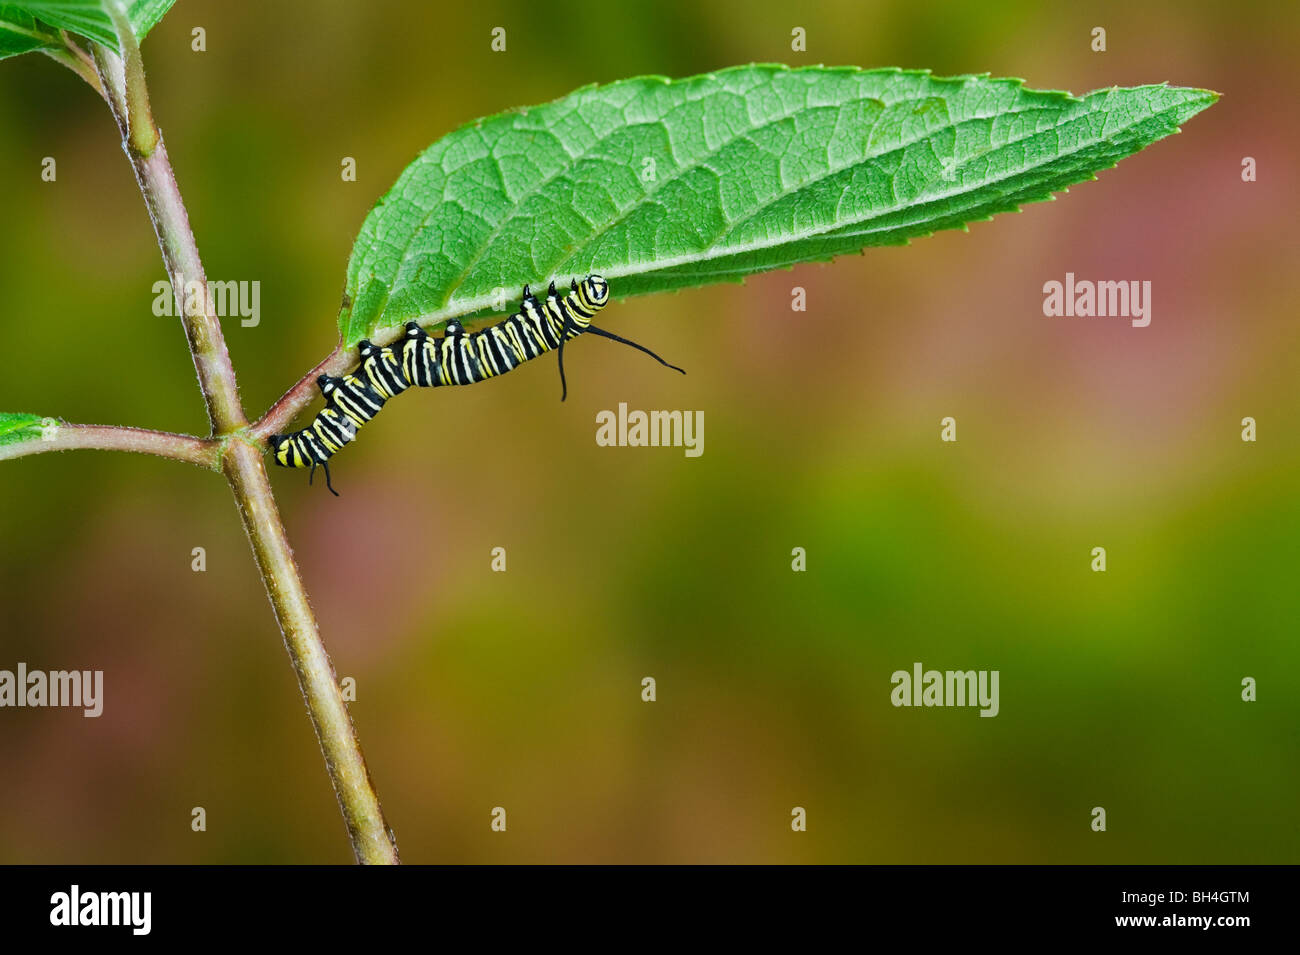 Monarch-Schmetterling Raupe auf Blatt, Vorbereitung für die Transformation von Larve, Puppe, Nova Scotia. Serie Stockbild